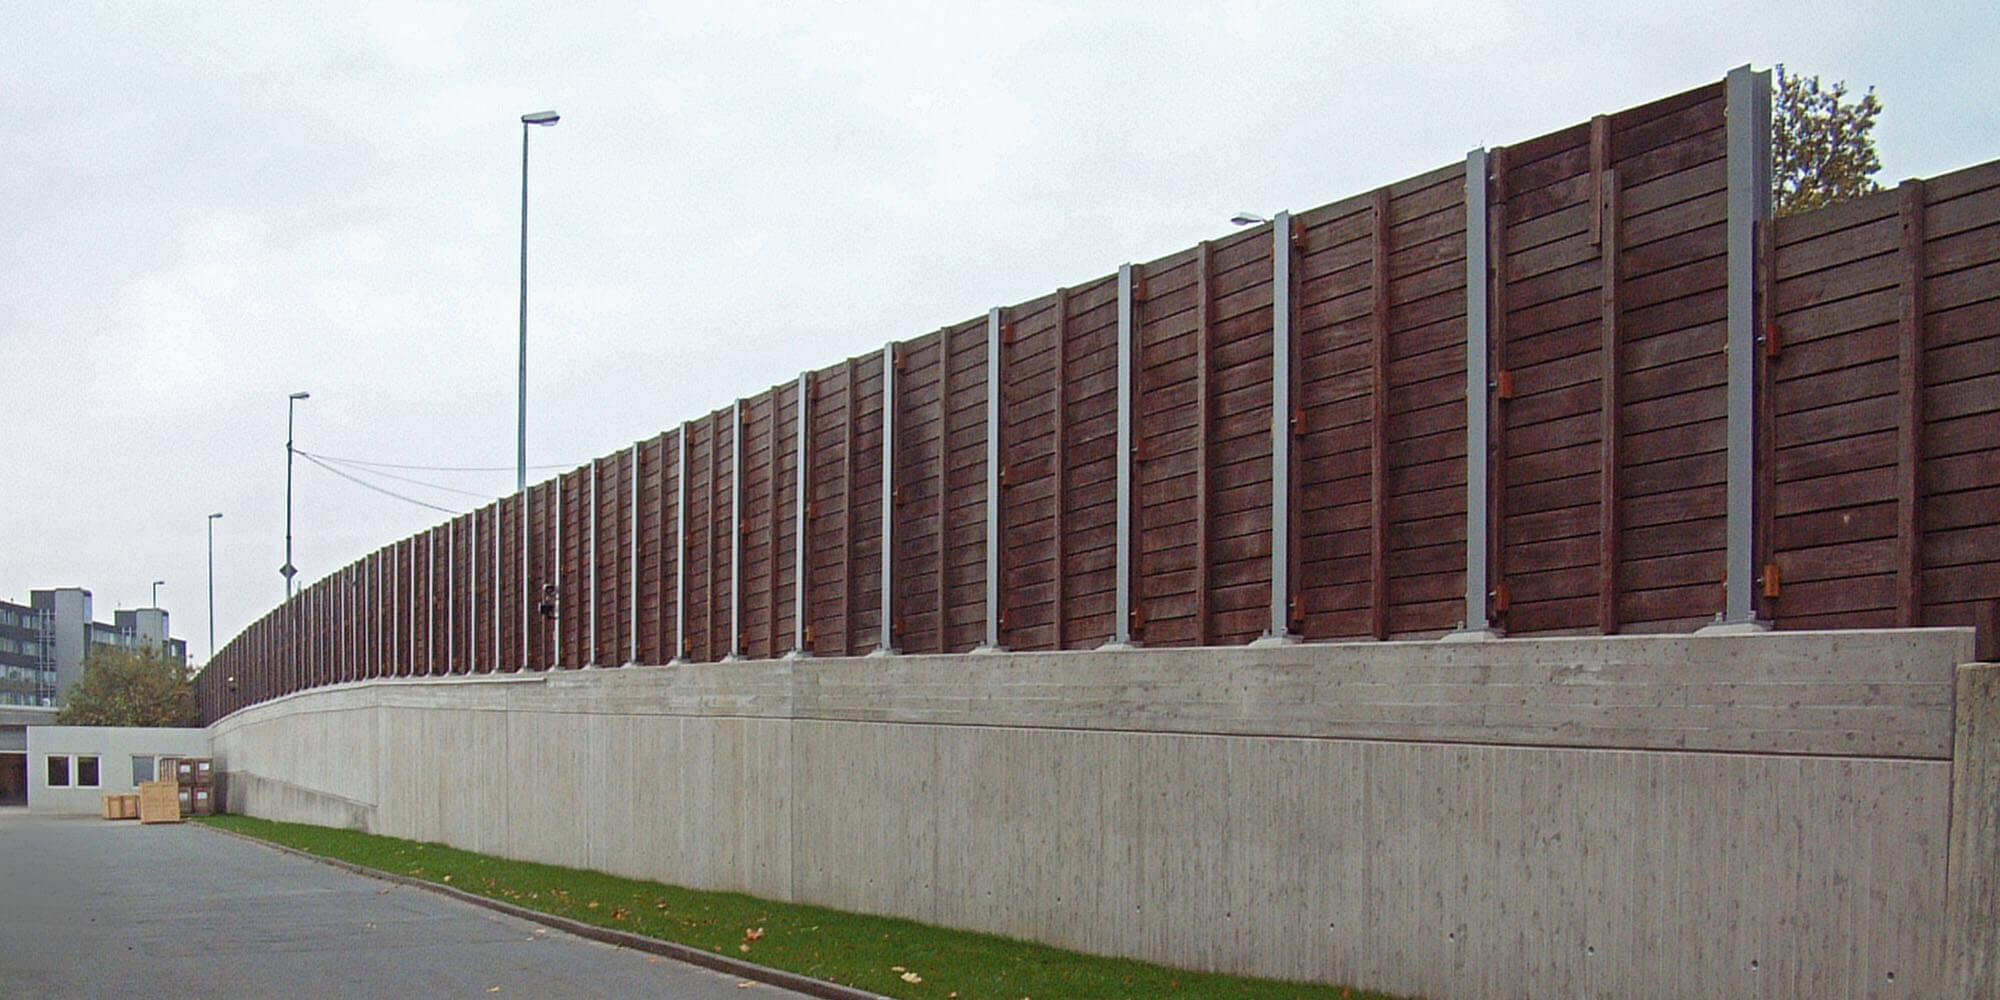 Stützwand mit Lärmschutzaufsatz in Holz